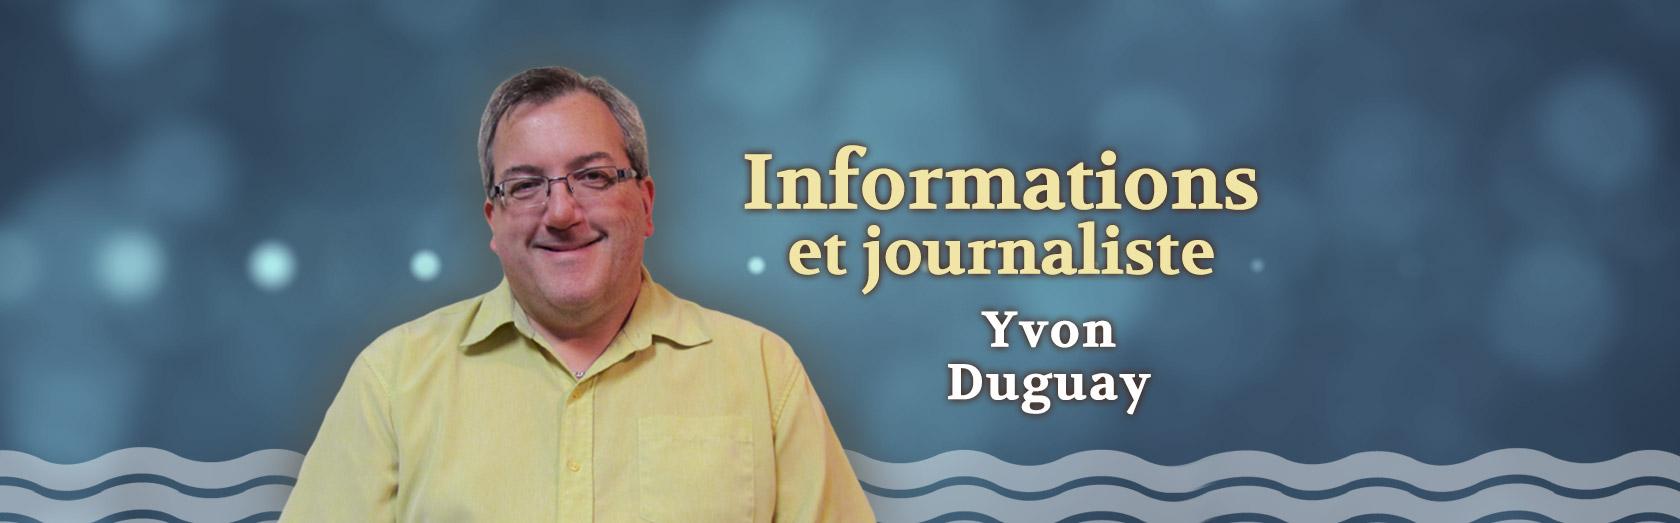 Information et journaliste Yvon Duguay